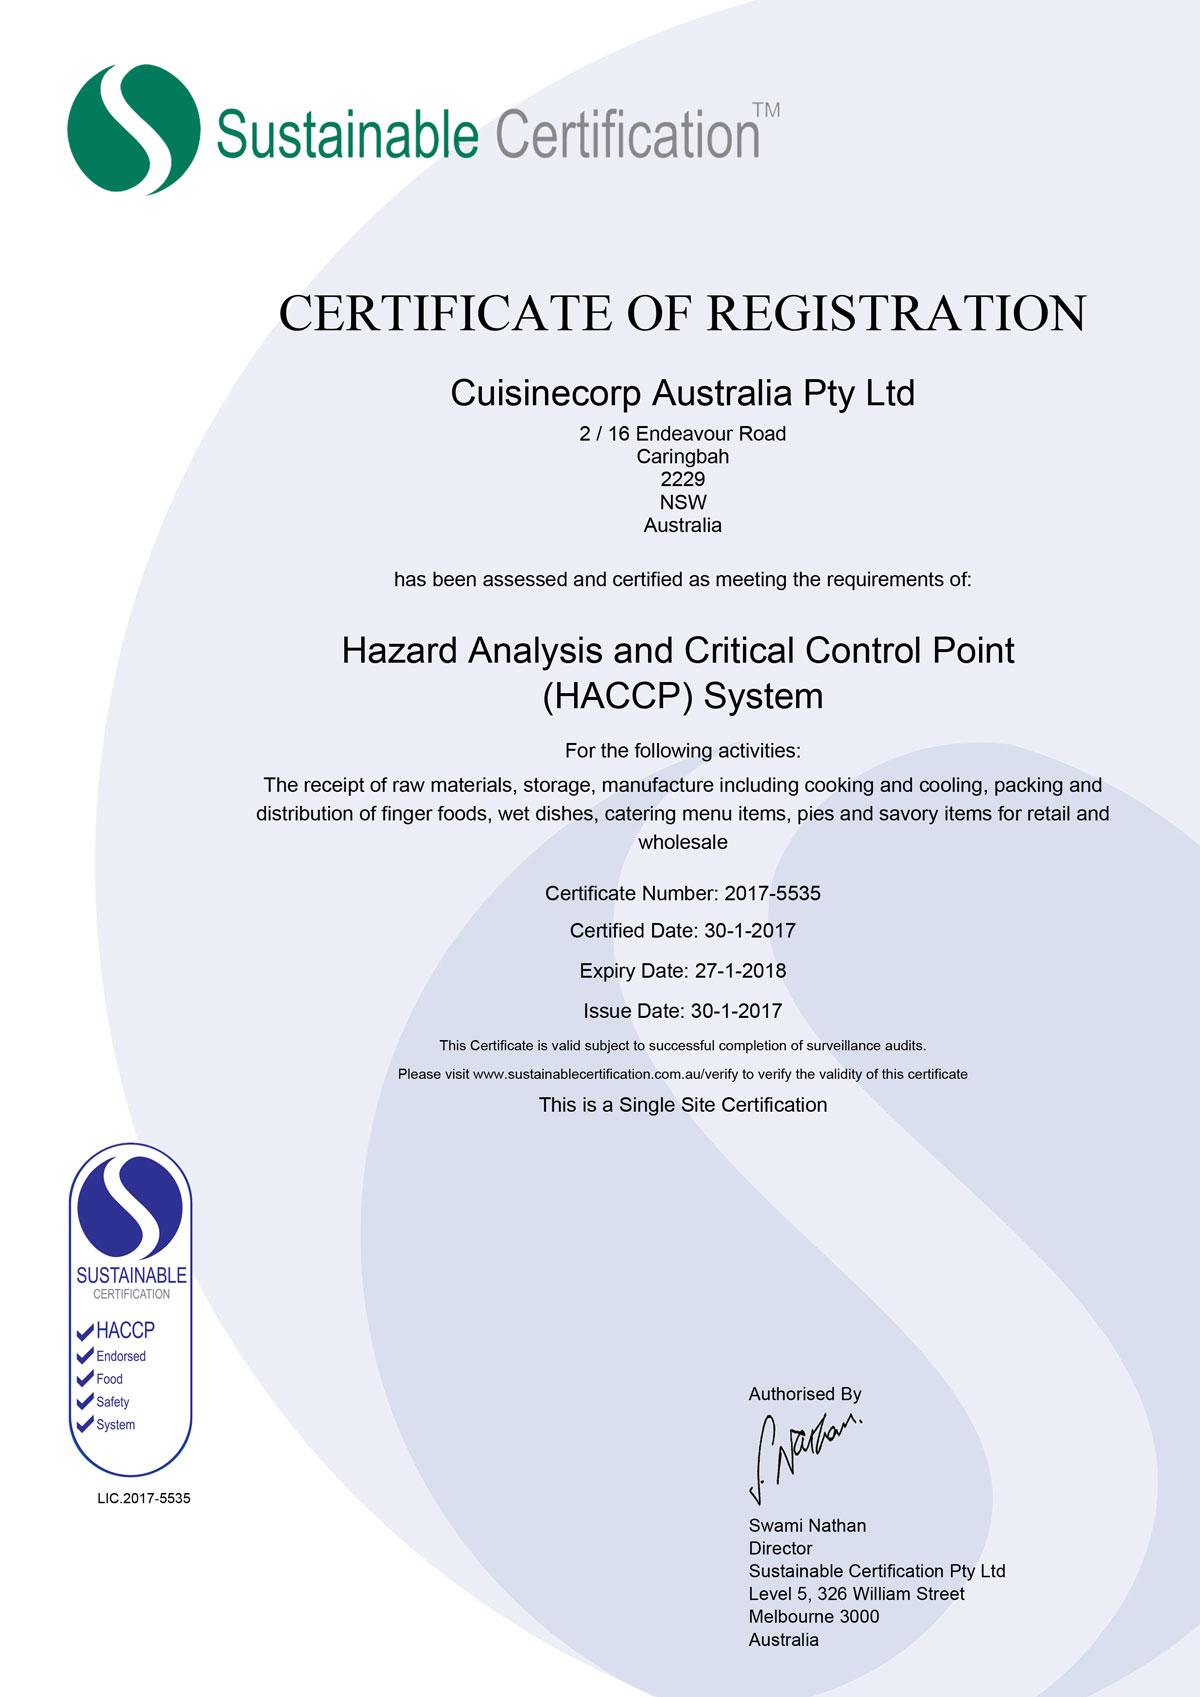 HACCP_CCA_Certificate